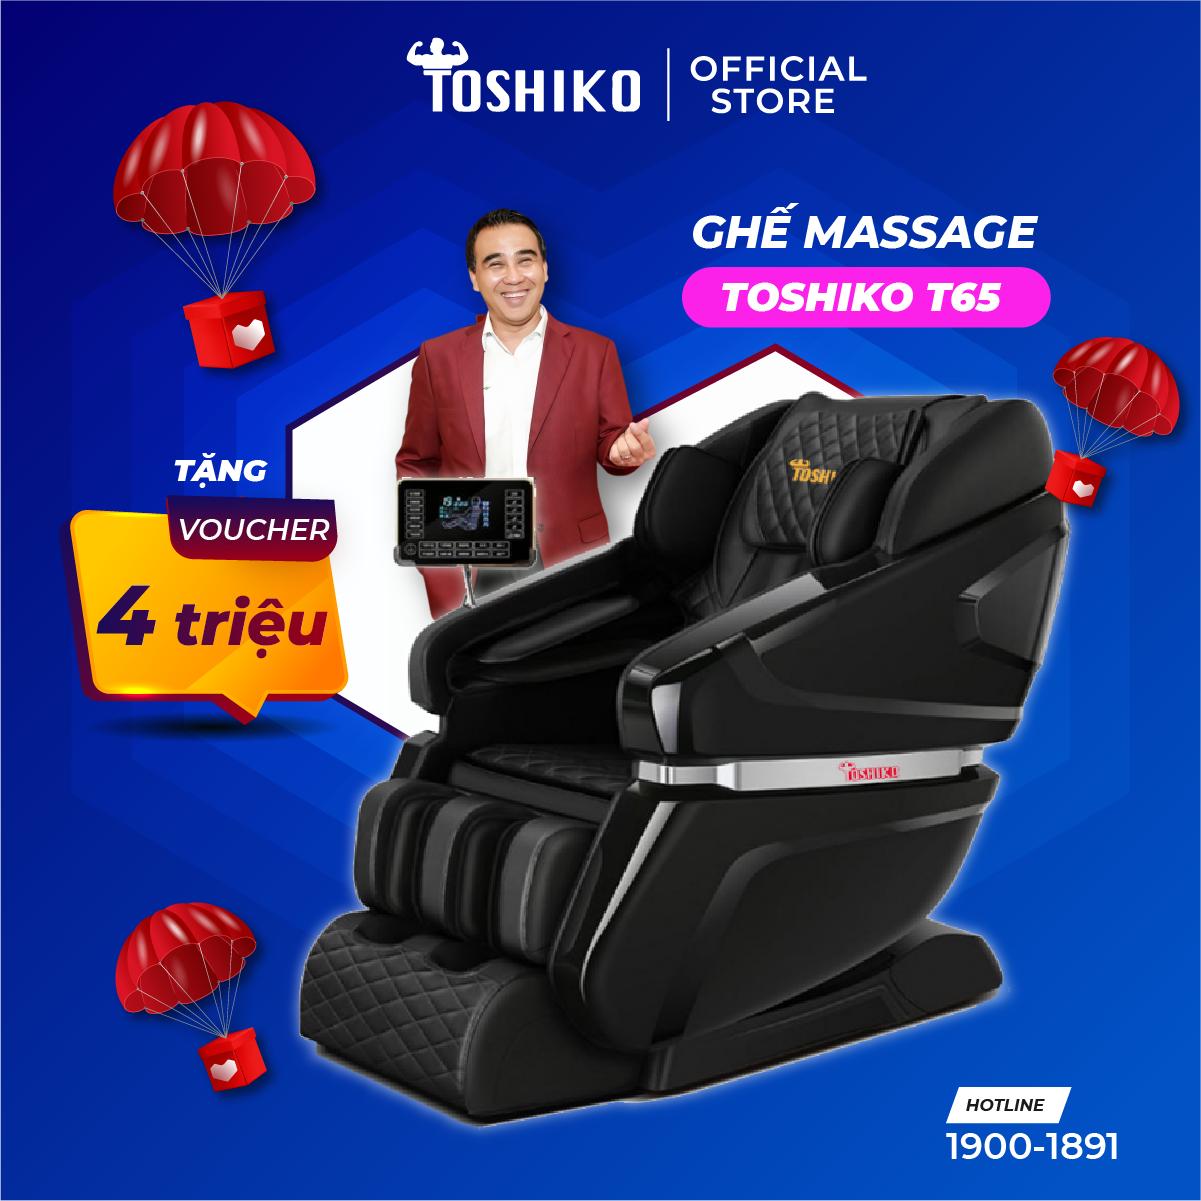 Ghế massage trị liệu toàn thân cao cấp Toshiko T65 hàng chính hãng bảo hành 6 năm